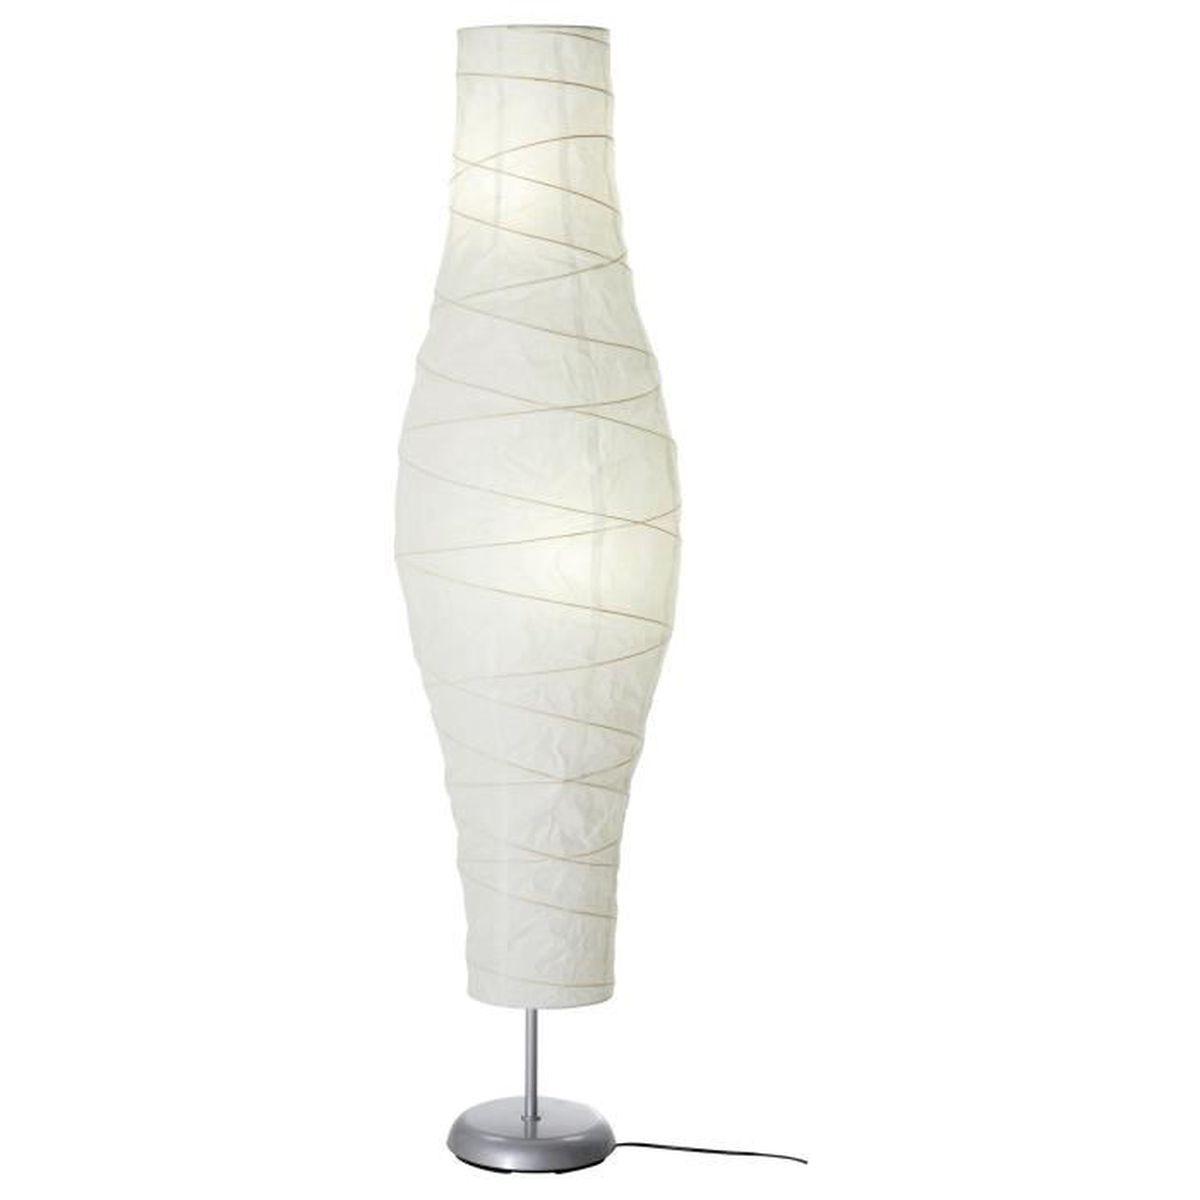 Ikea Lampadaire Papier Blanc Hauteur 137cm Achat Vente Ikea